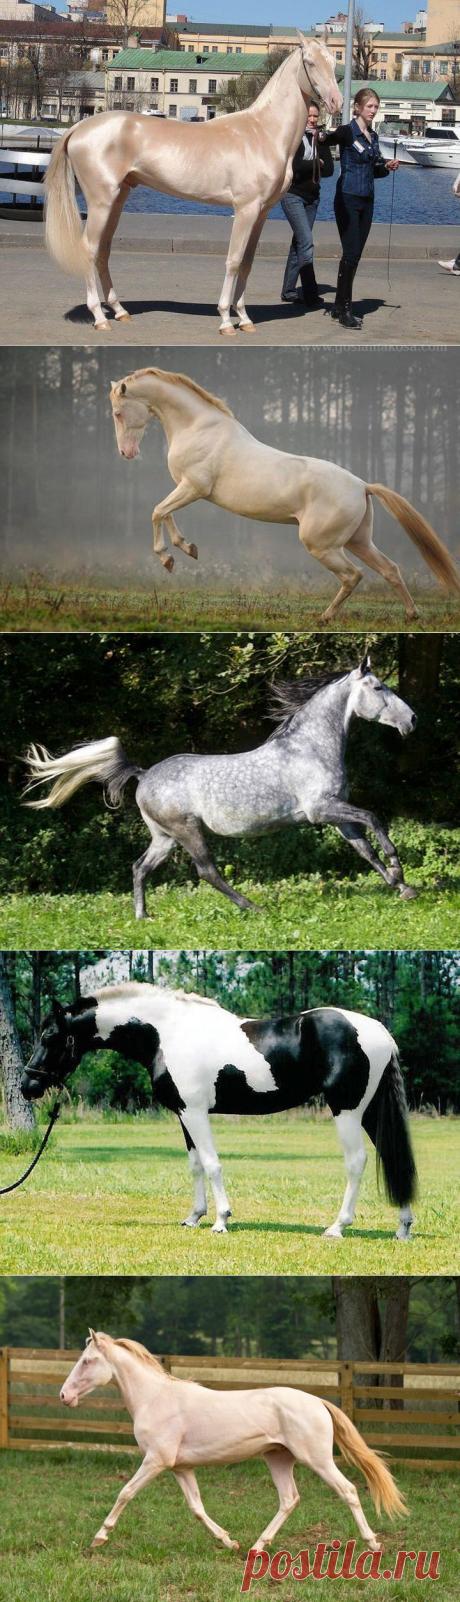 20 самых красивых лошадей в мире, от которых трудно отвести взгляд (21 фото)